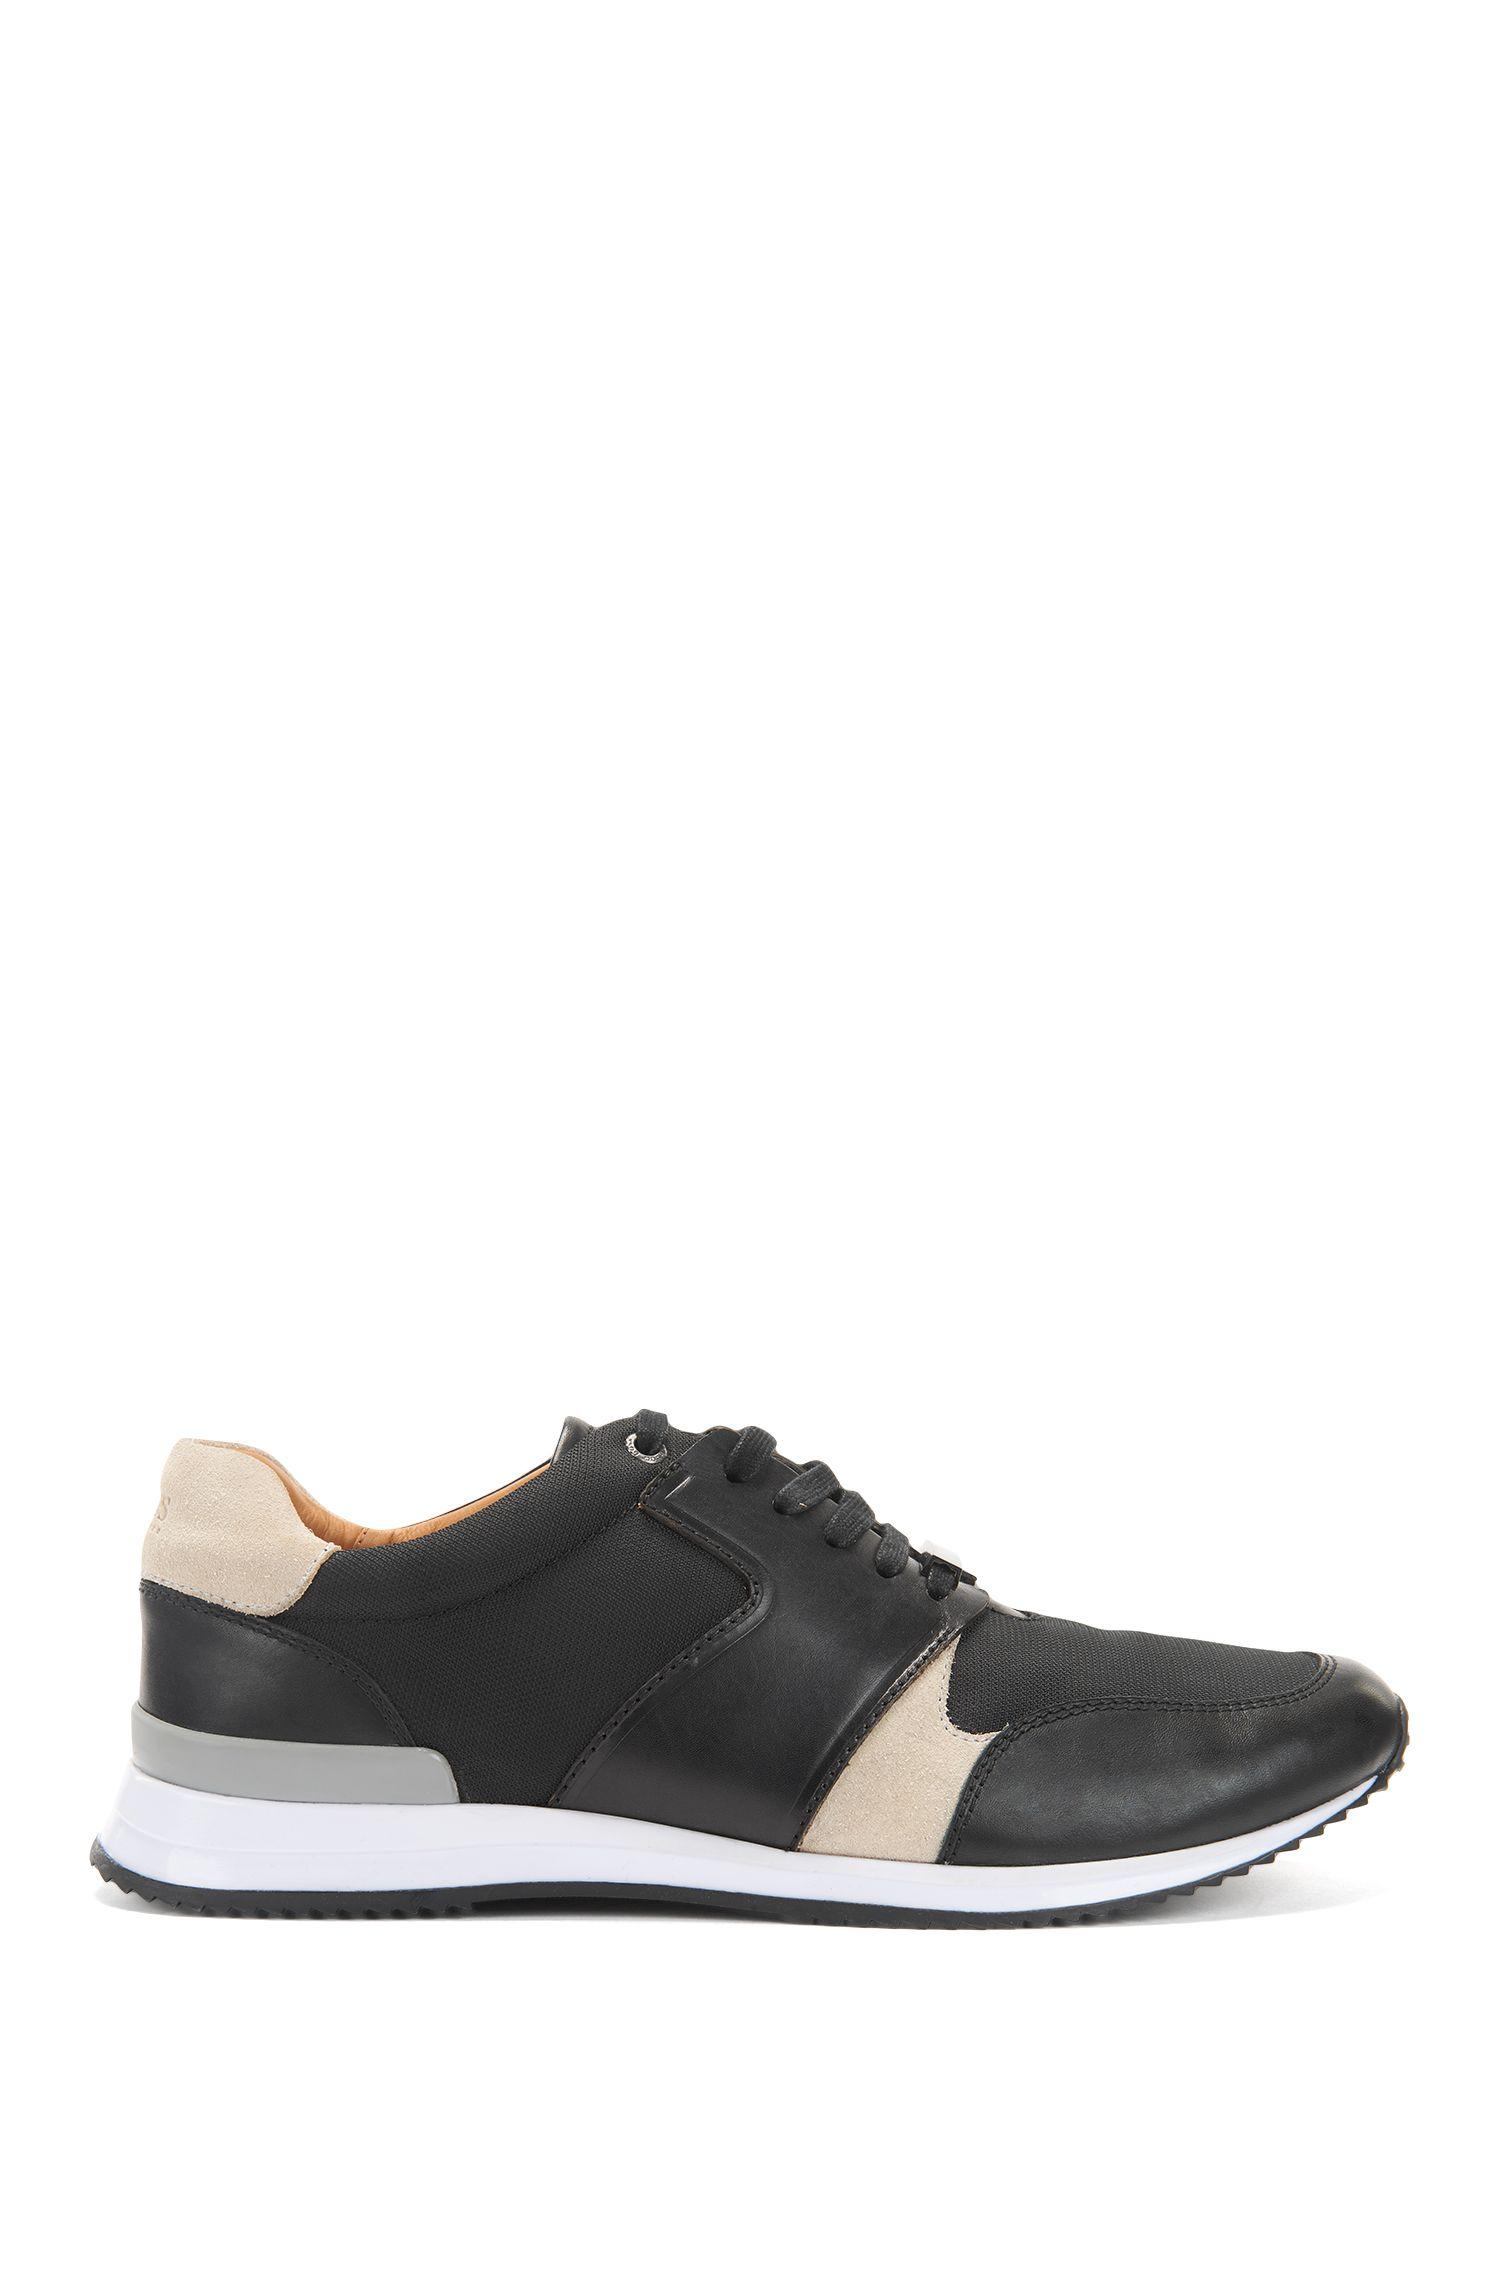 Sneakers im Laufschuh-Stil aus Material-Mix und Leder